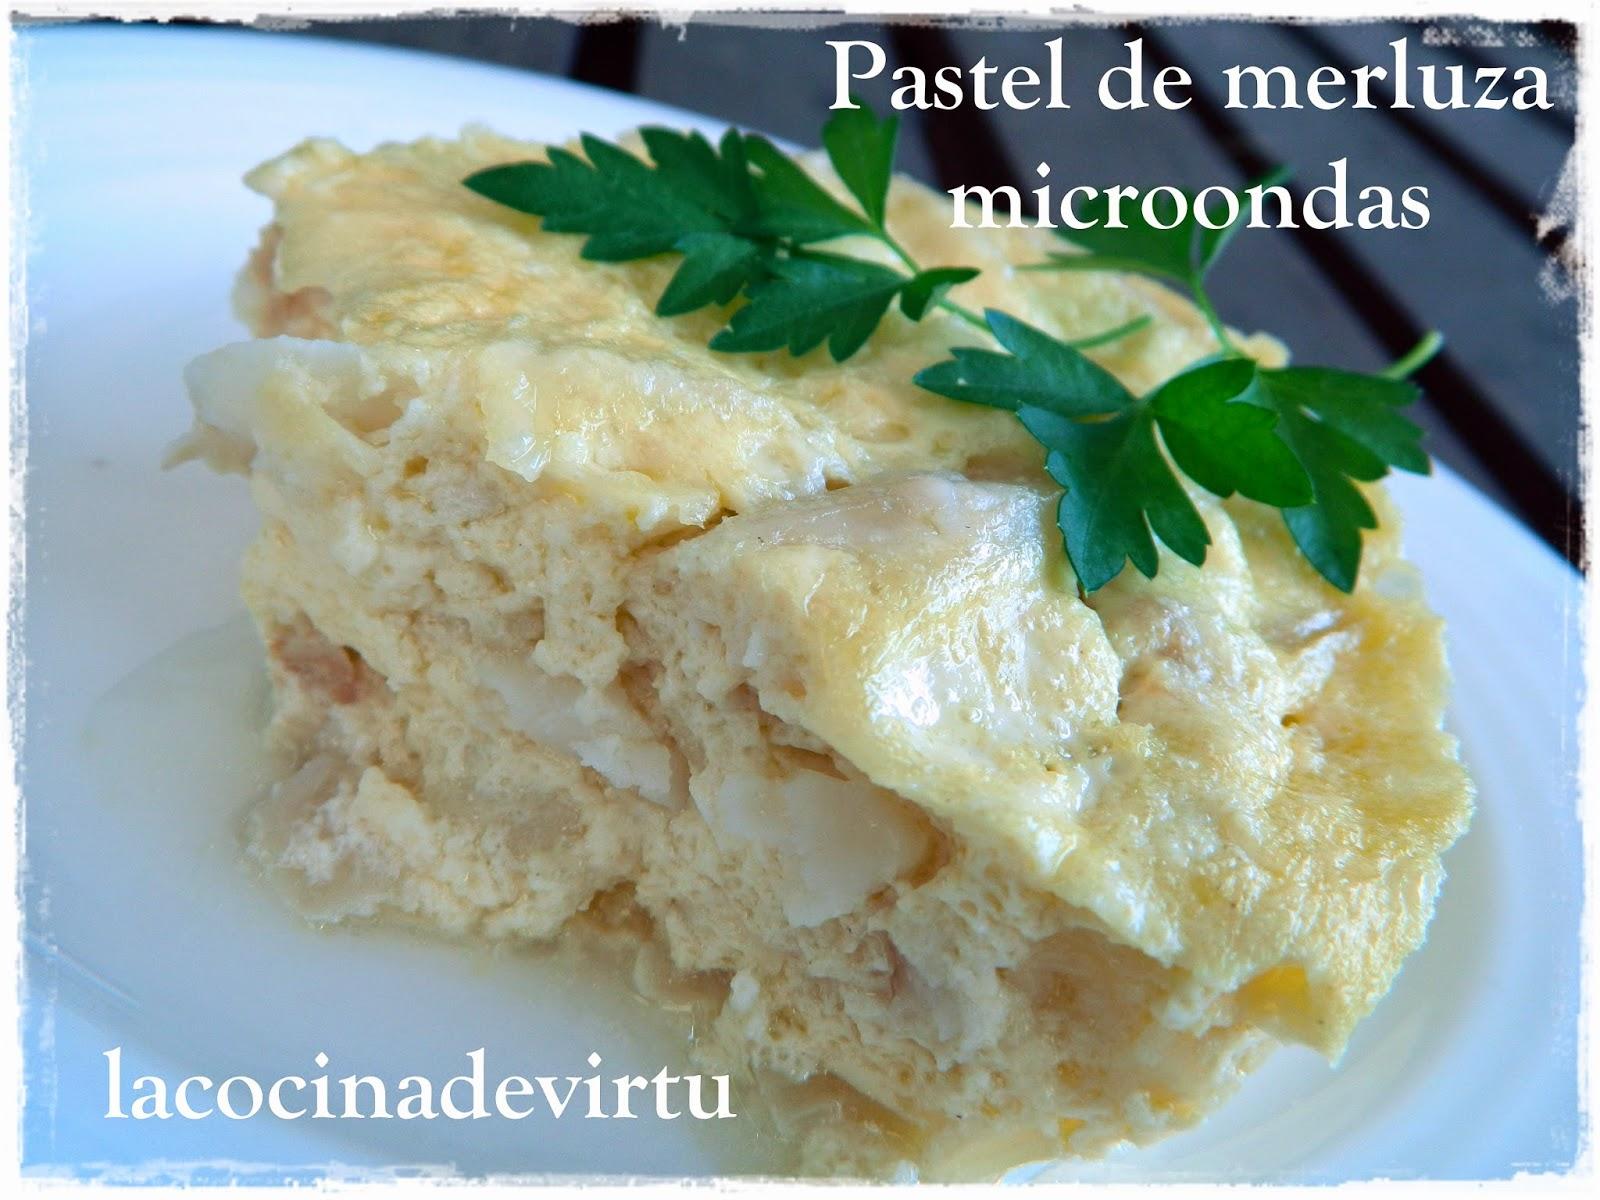 La cocina de virtu pastel de merluza al microondas - Cocinar pescado en microondas ...